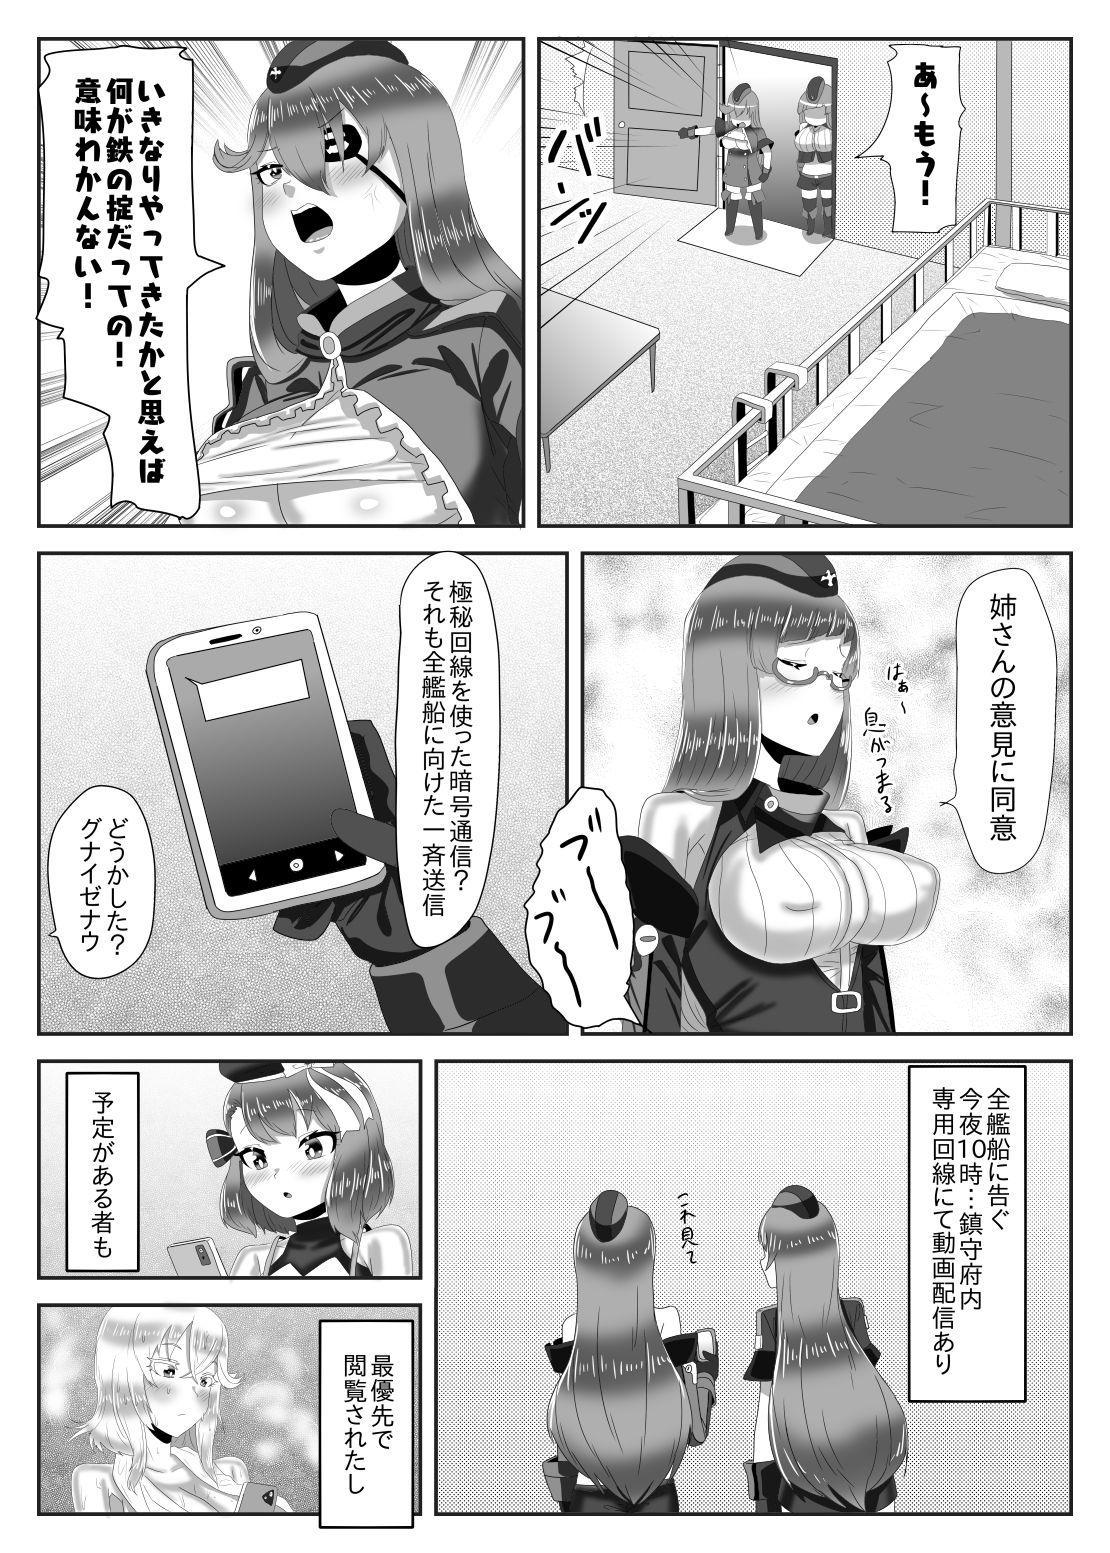 ふたなり艦隊と男の娘指揮官~フリードリ●はバブみが深い?~ 11